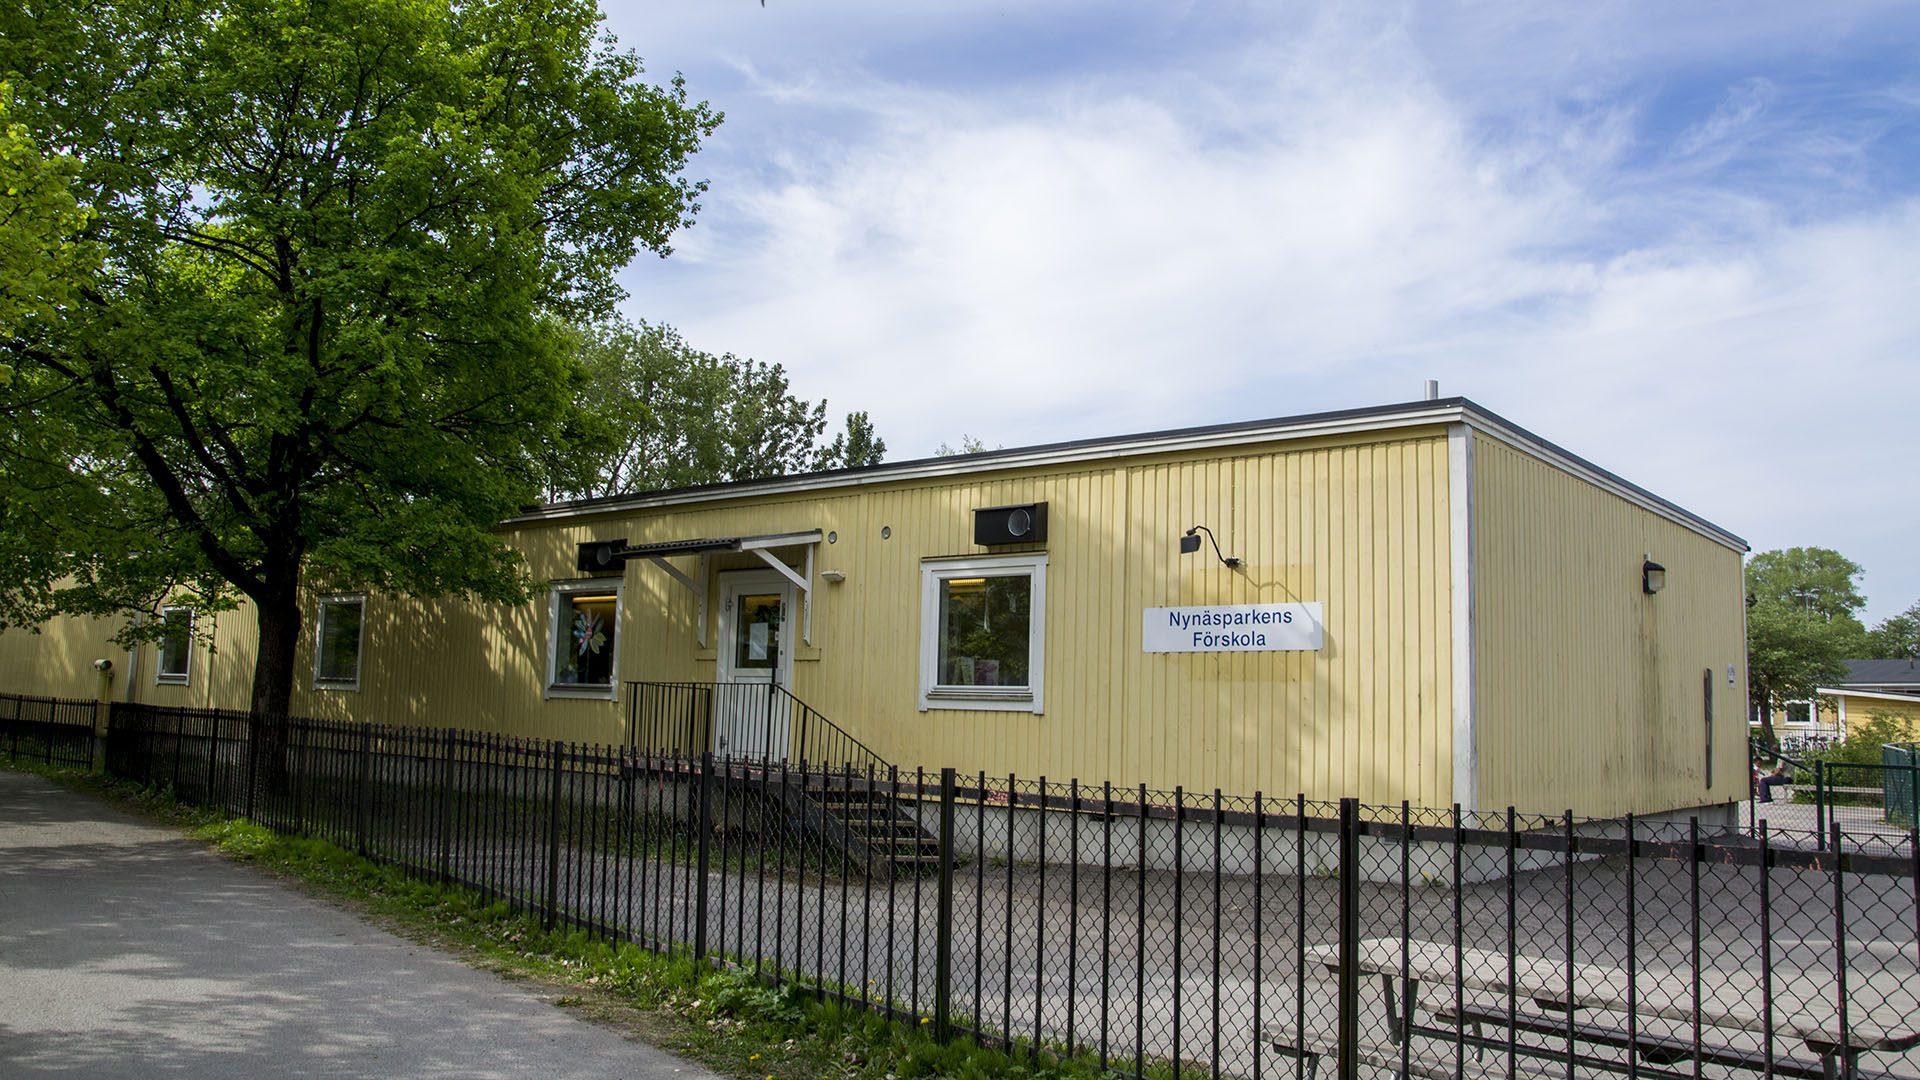 Exteriörbild på Nynärsparkens förskola